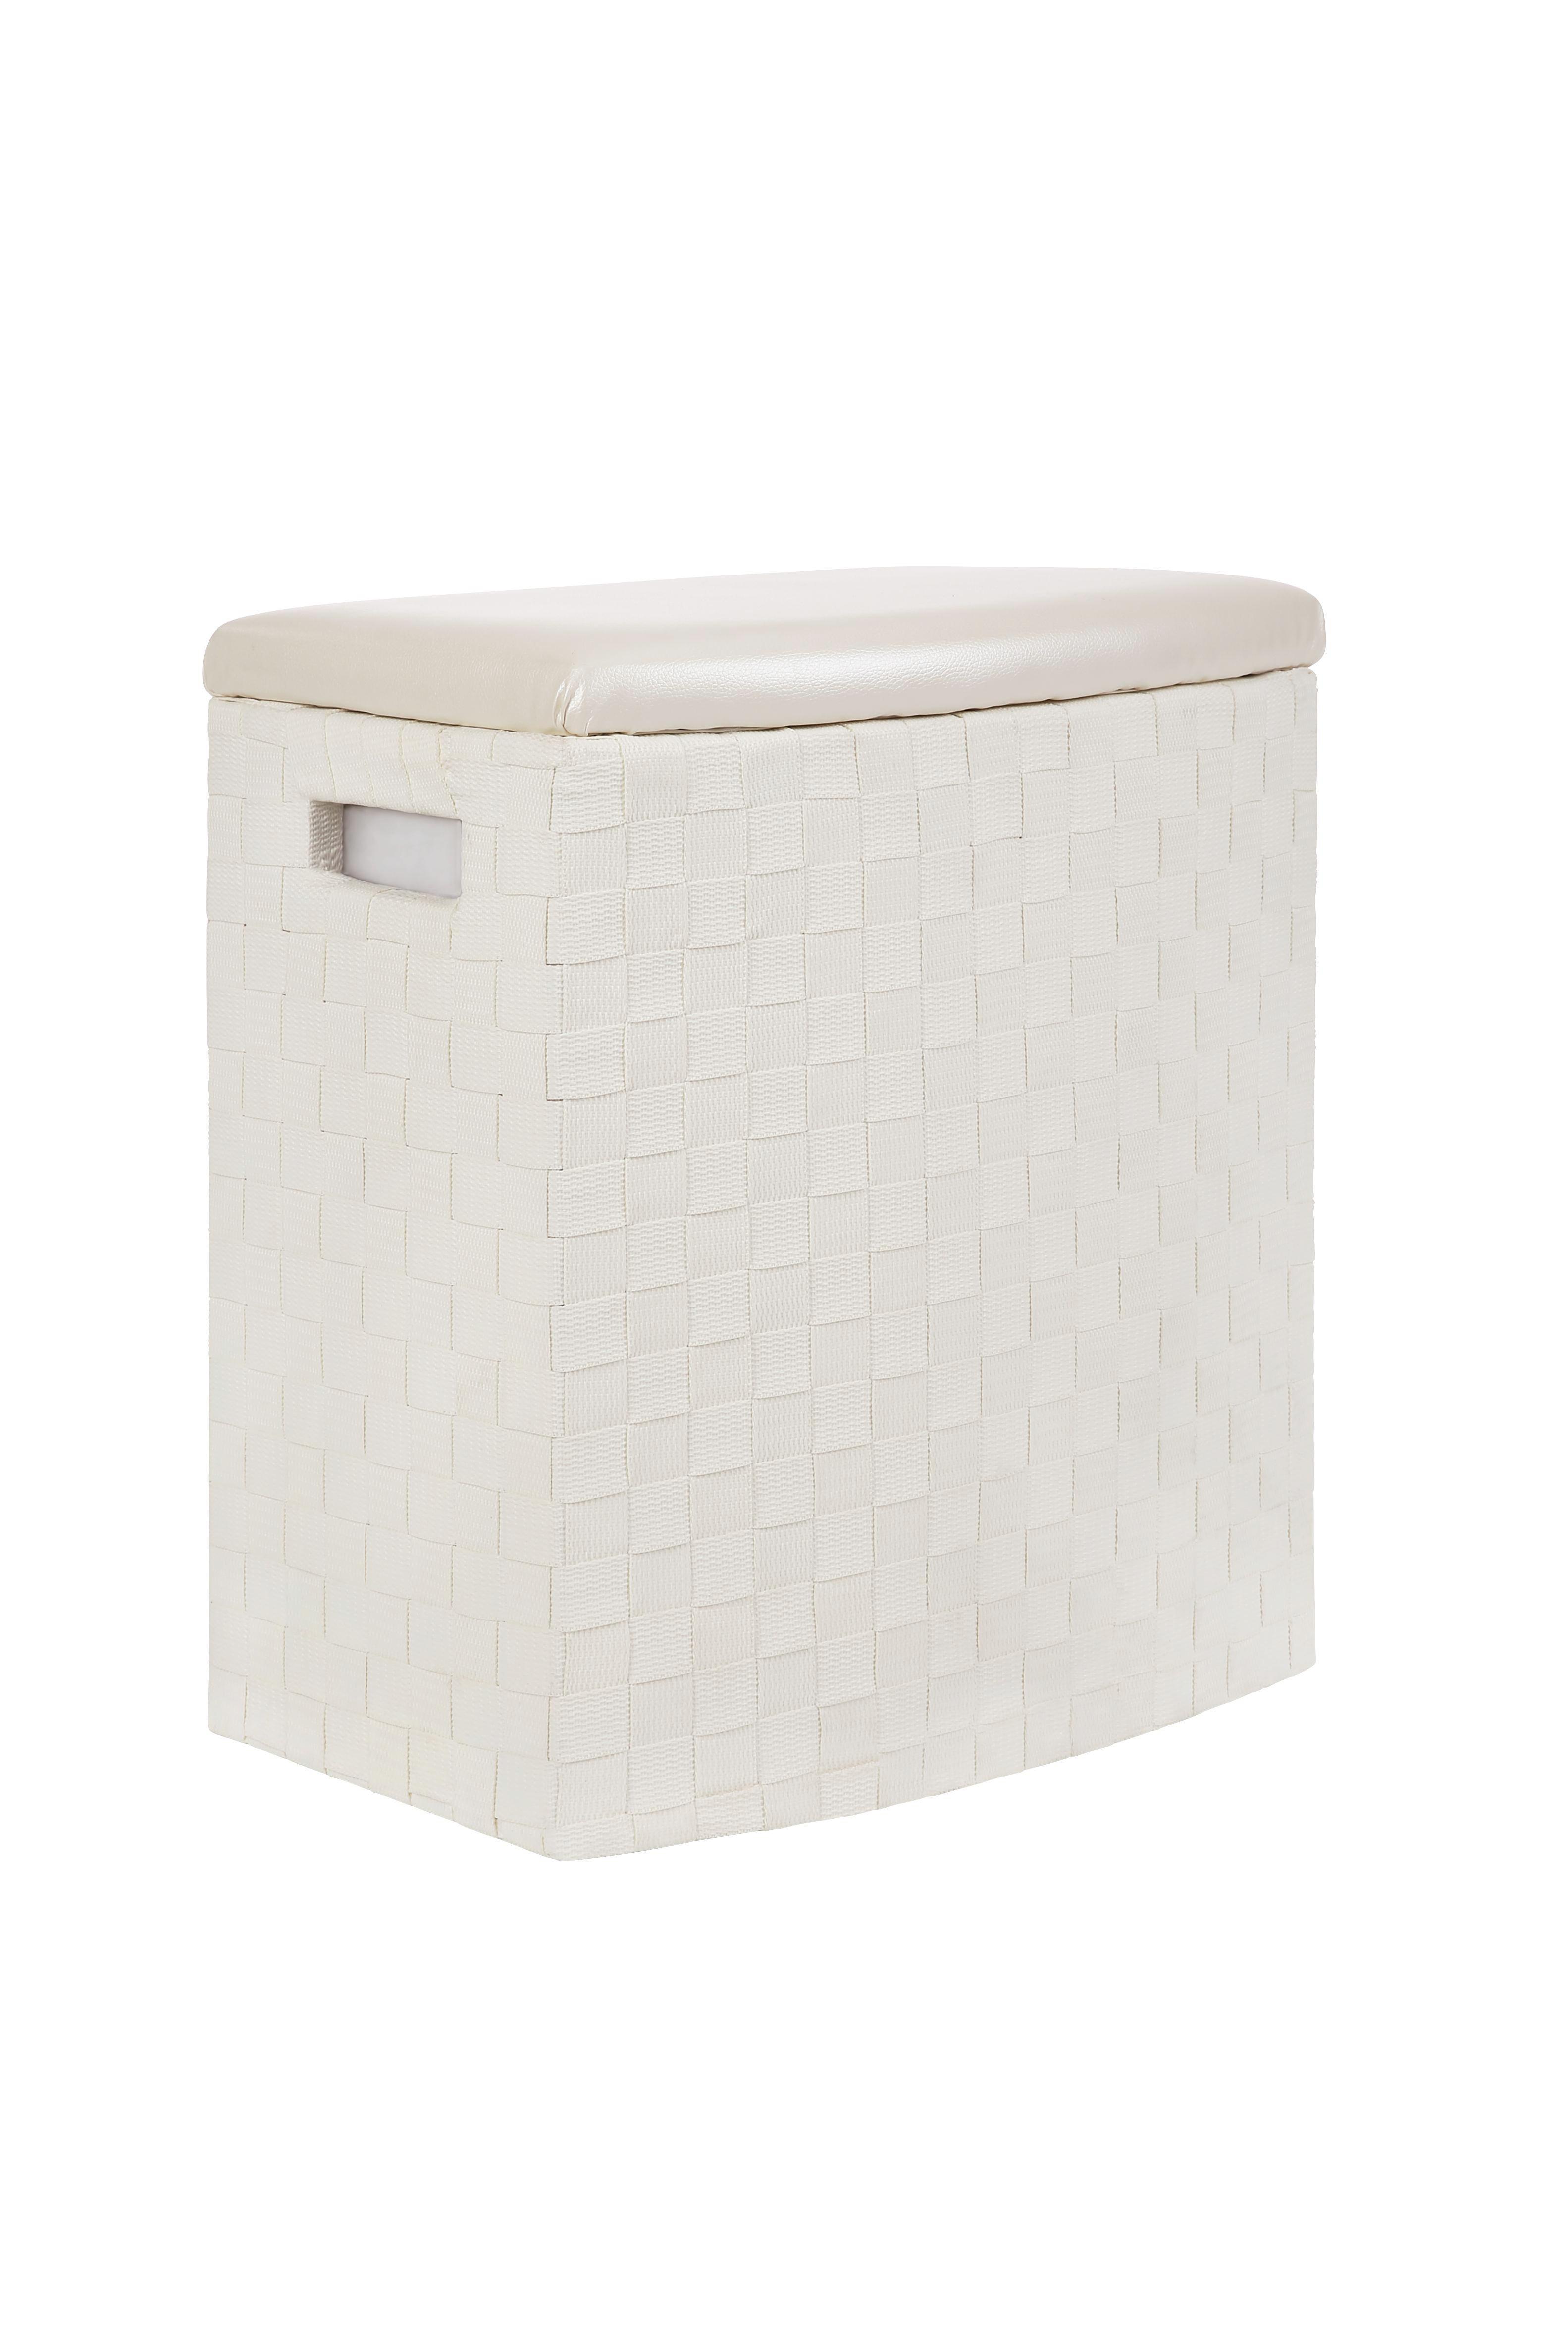 Wäschekorb Ghada, Weiß, Gr. S - Weiß, KONVENTIONELL, Holz/Kunststoff (42/28/48cm) - LUCA BESSONI